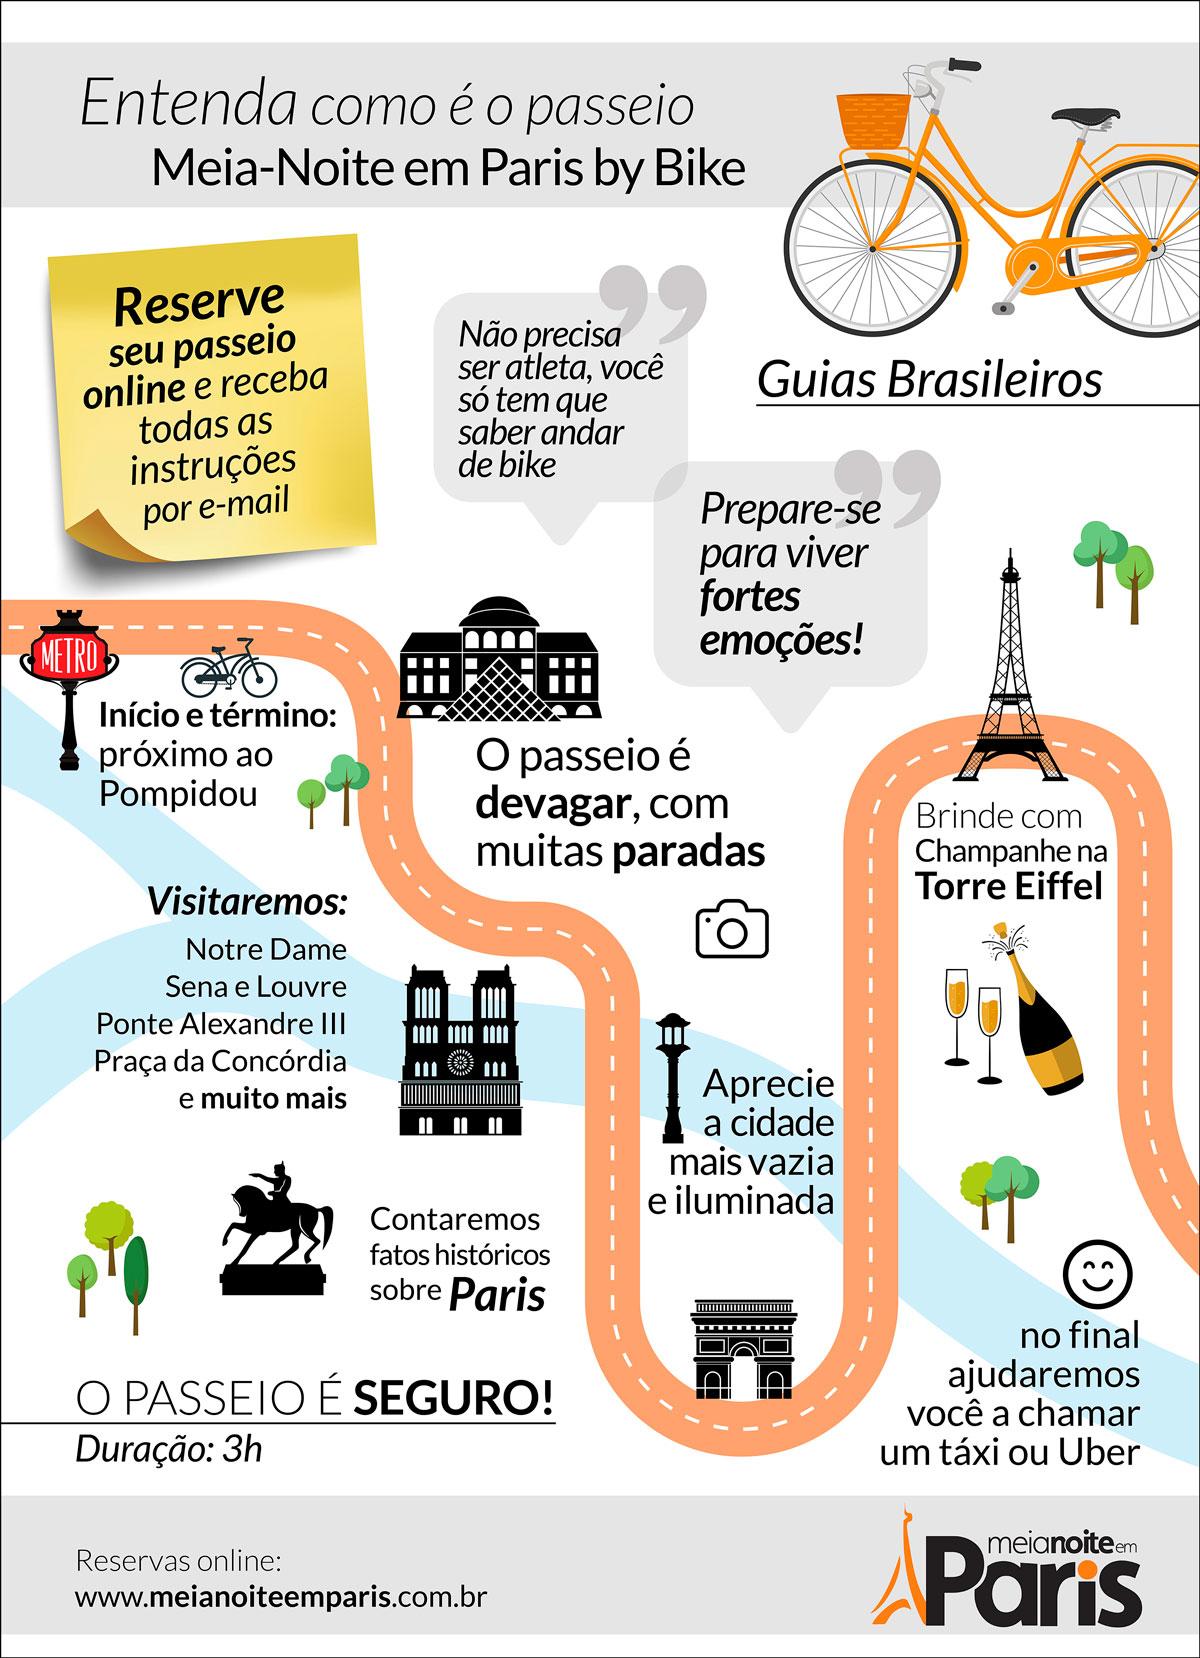 Infográfico: Entenda como funciona o passeio Meia-Noite em Paris by Bike